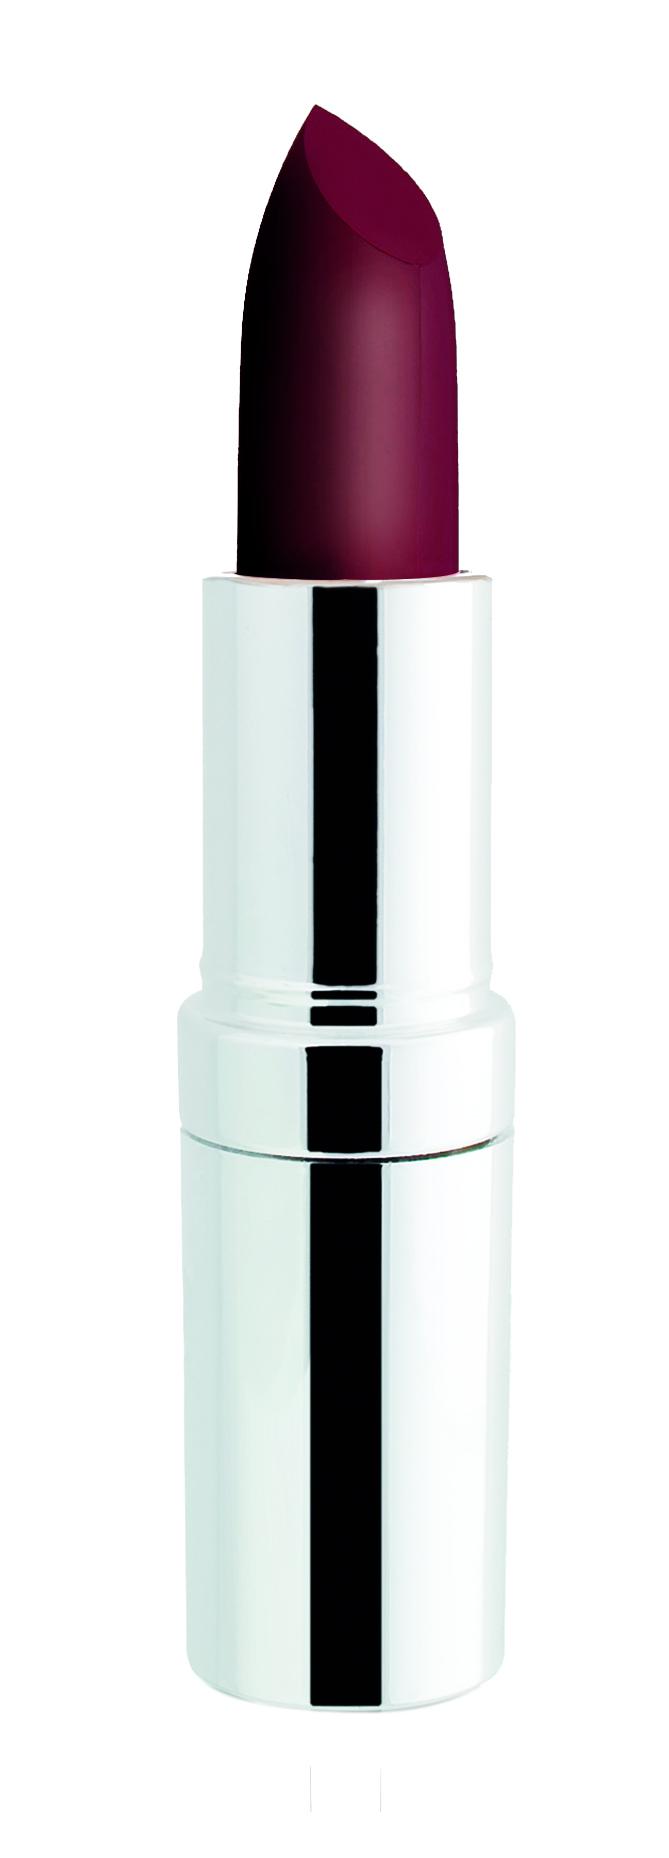 SEVENTEEN Помада губная устойчивая матовая SPF 15, 44 сливовый / Matte Lasting Lipstick 5 г